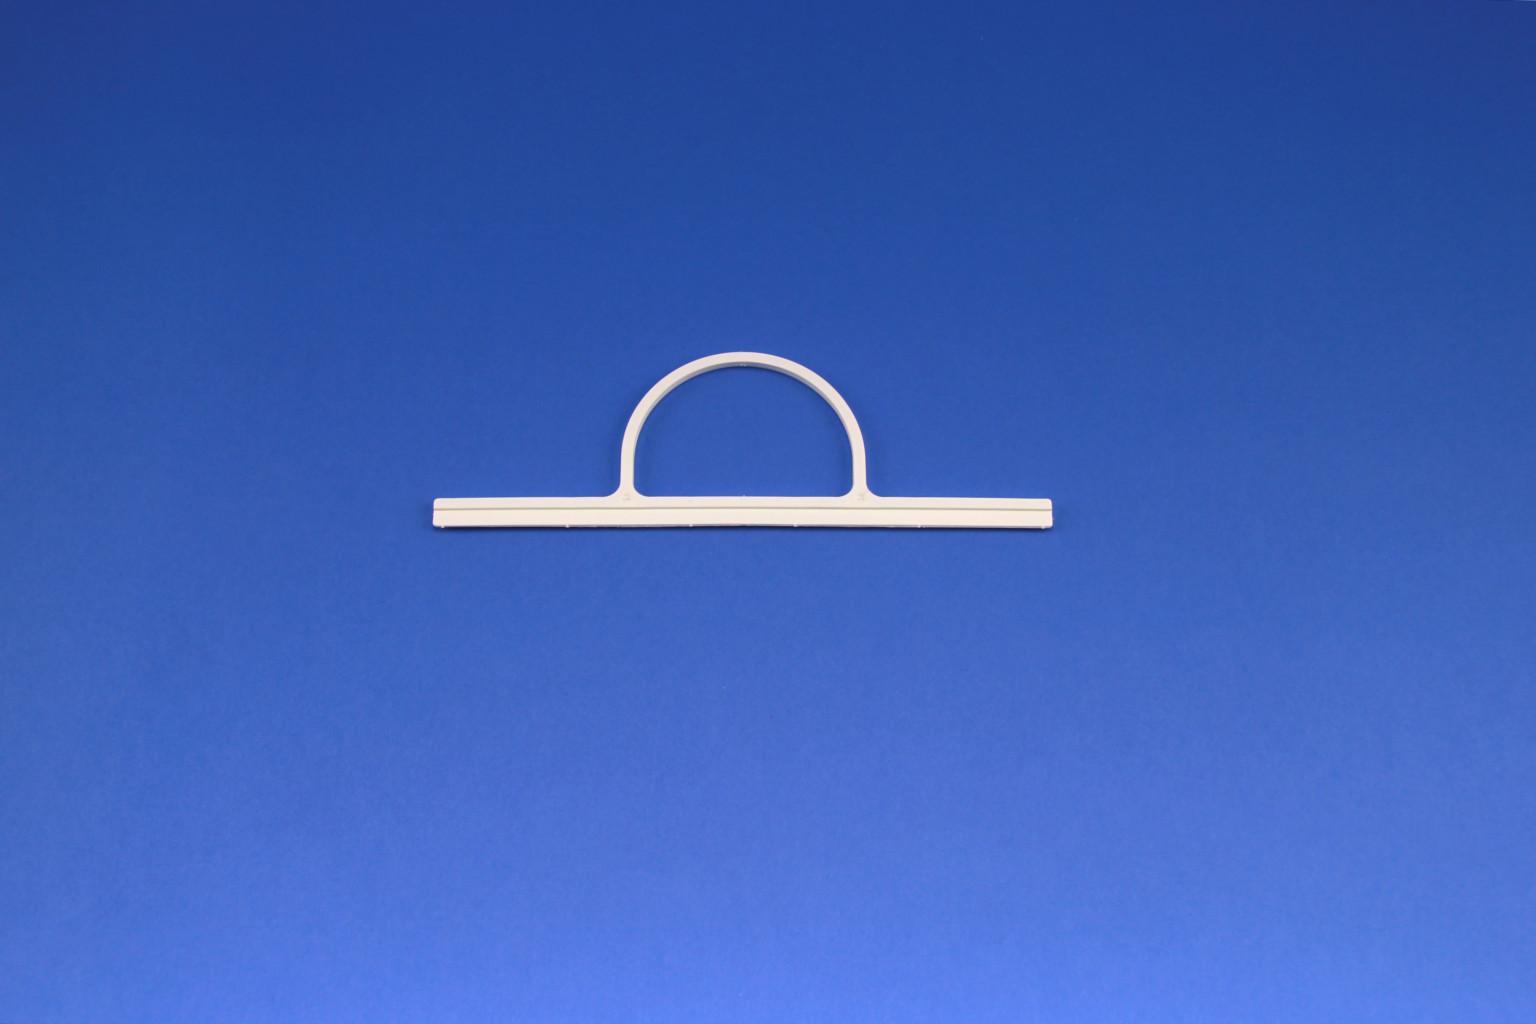 Round bracket handles